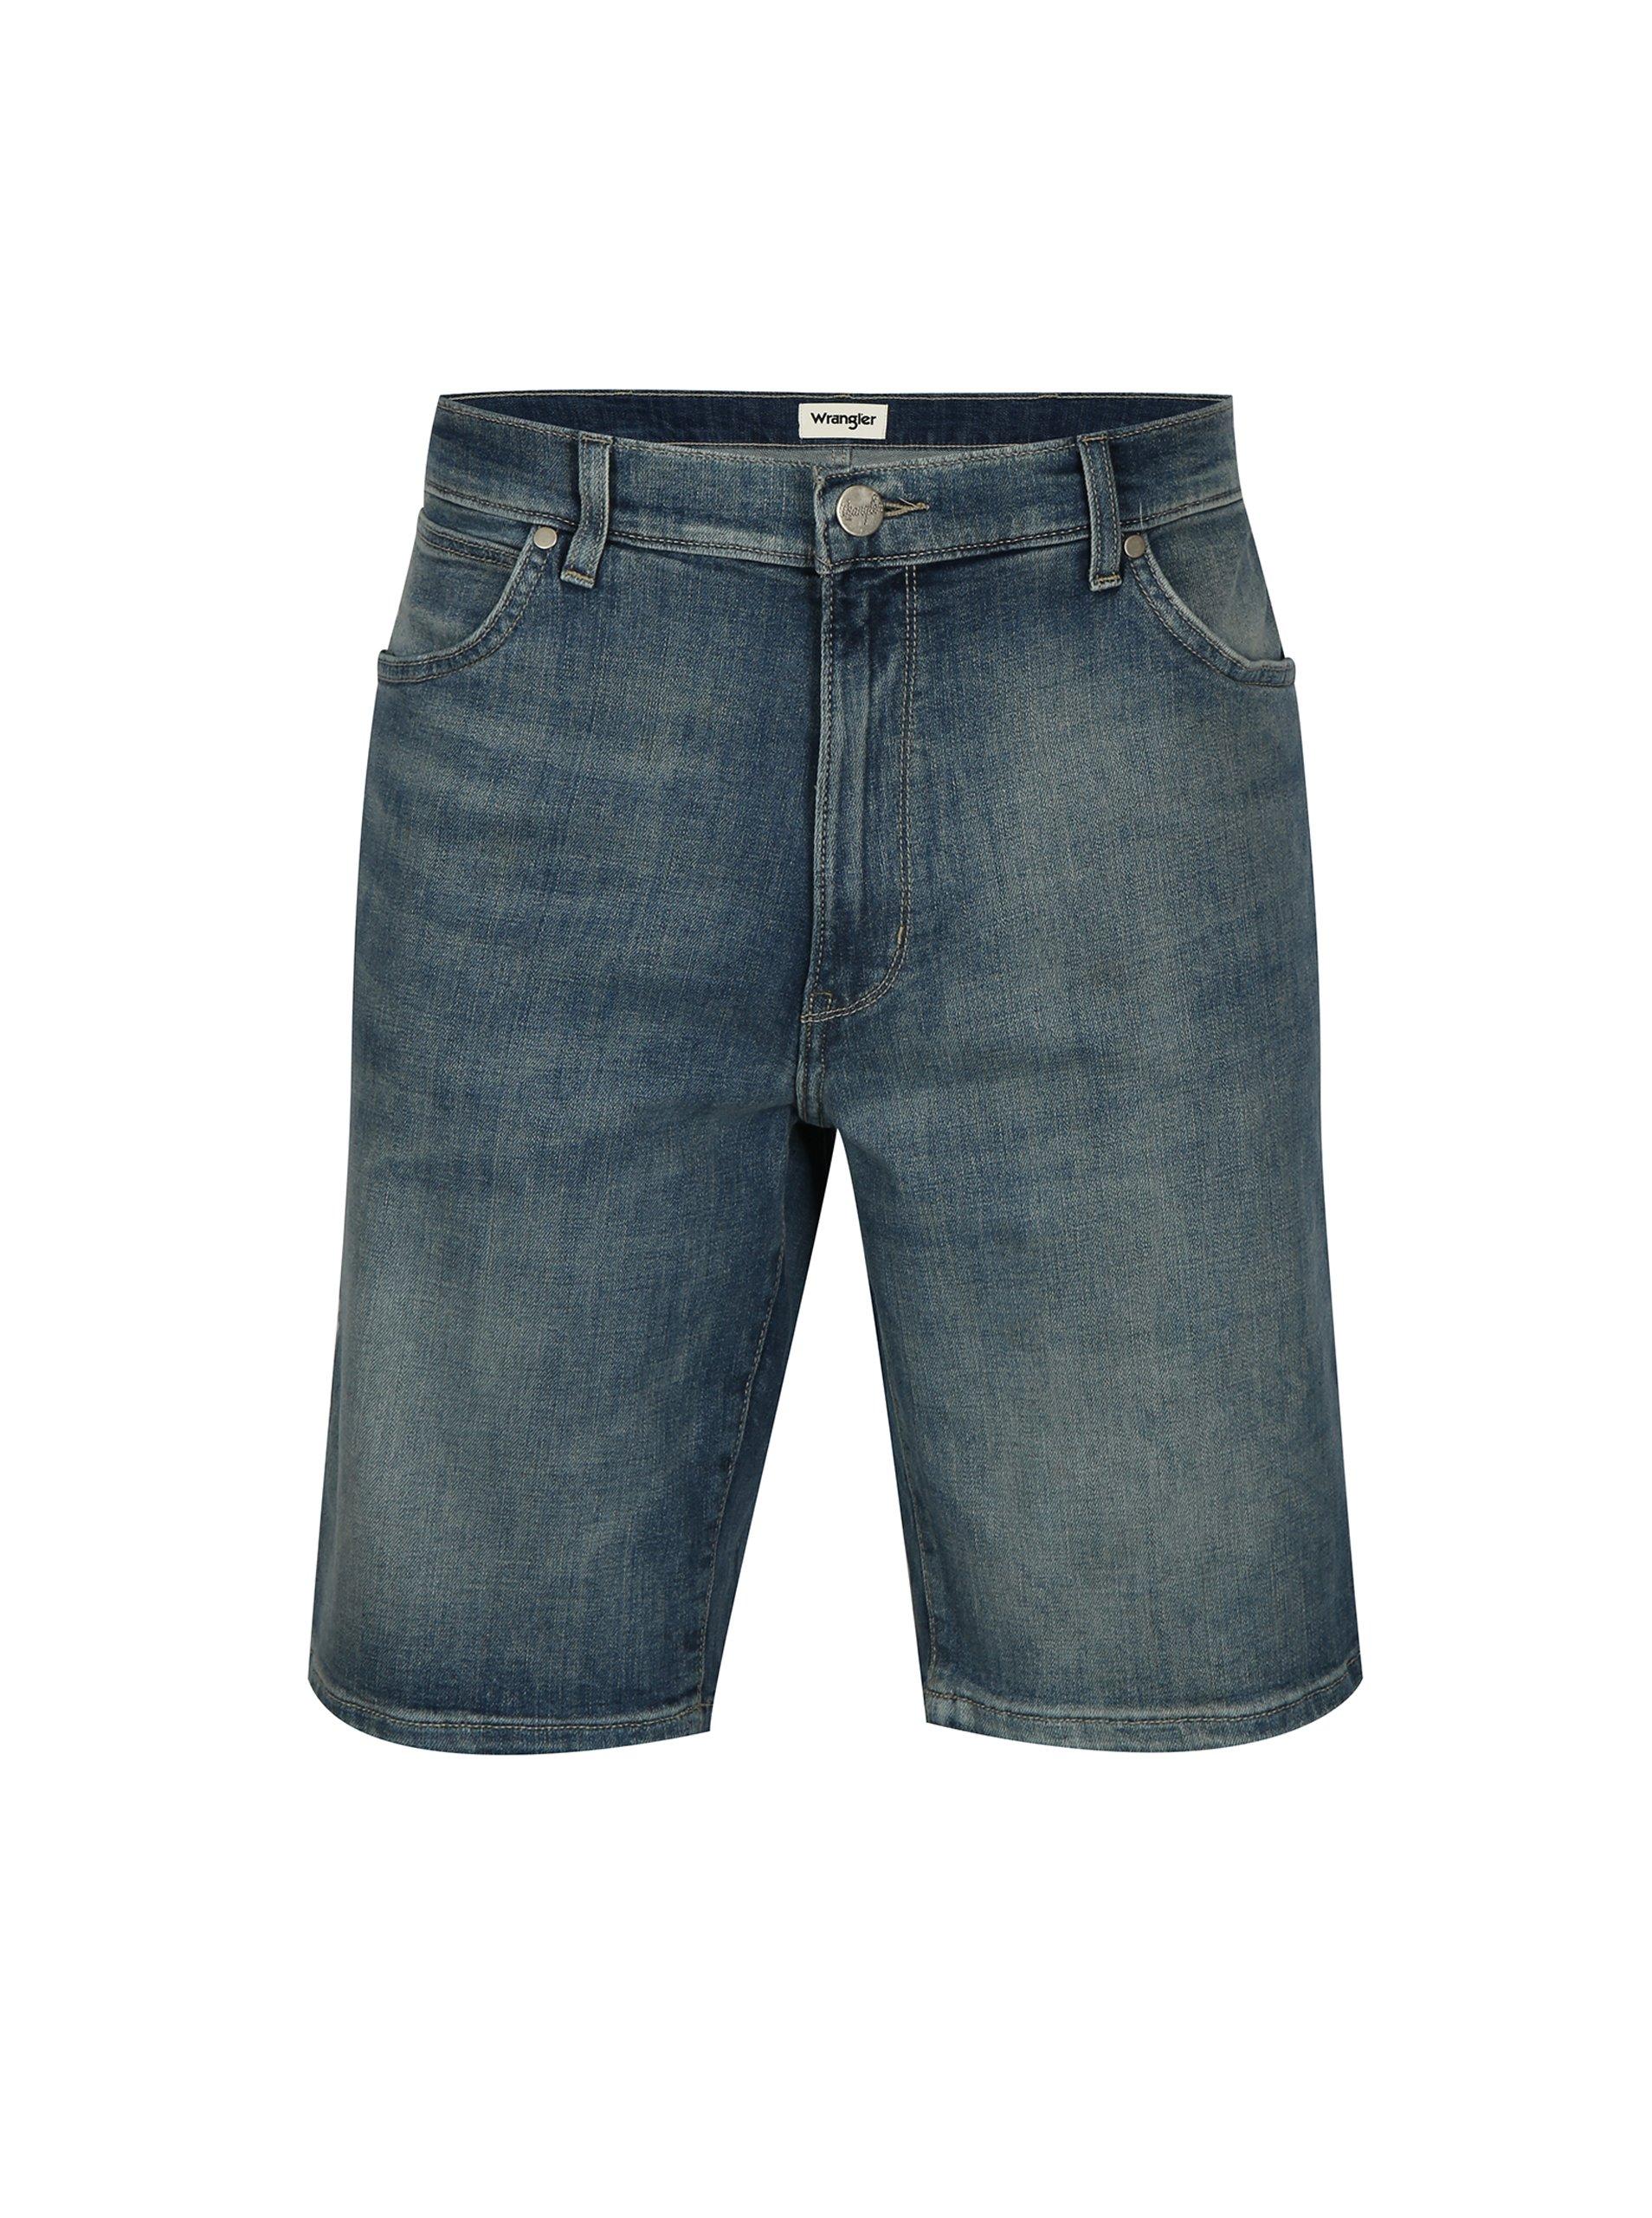 d5fbcc43978 Modré pánské džínové kraťasy Wrangler